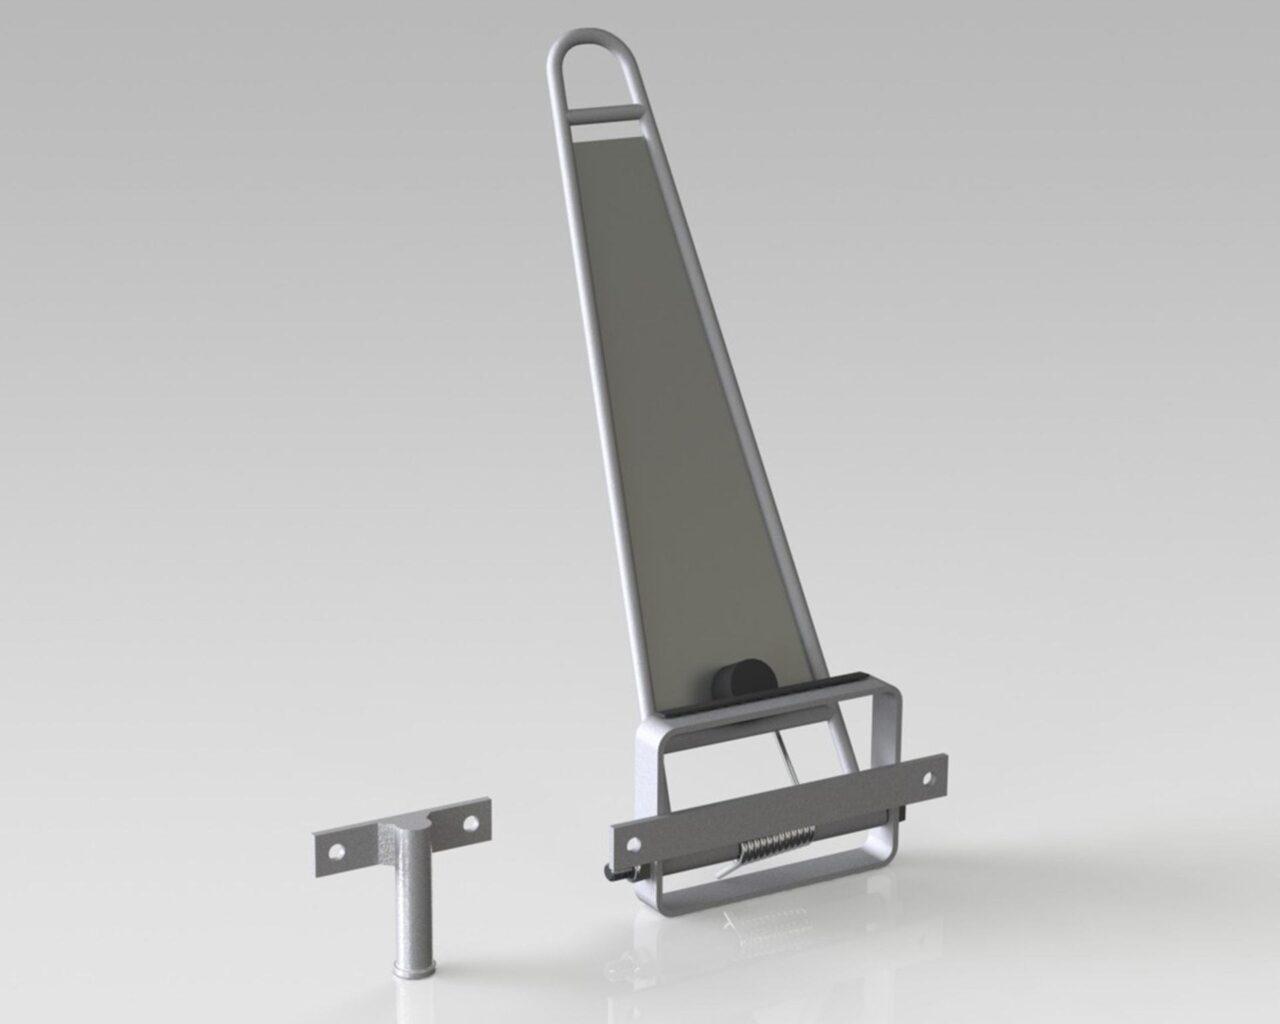 PEK3 Easytube Metal Accessories FH-A